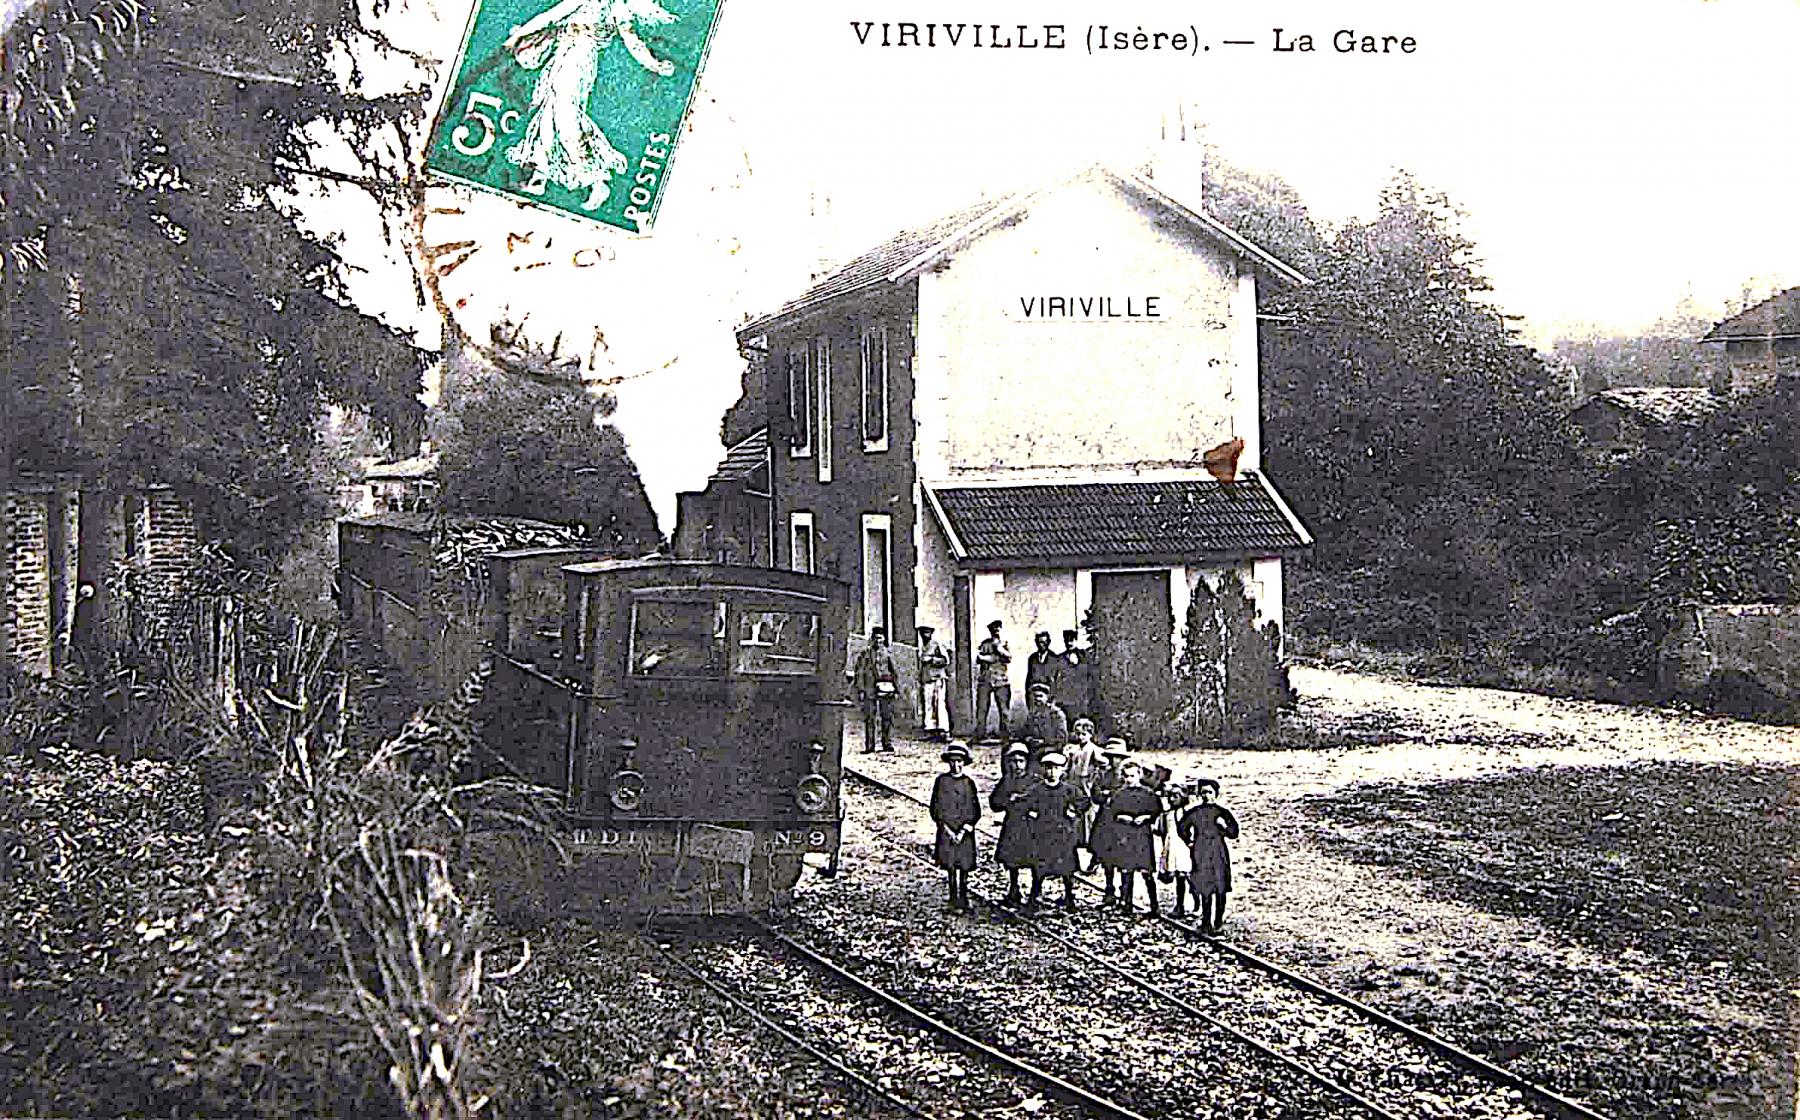 Viriville - La Gare